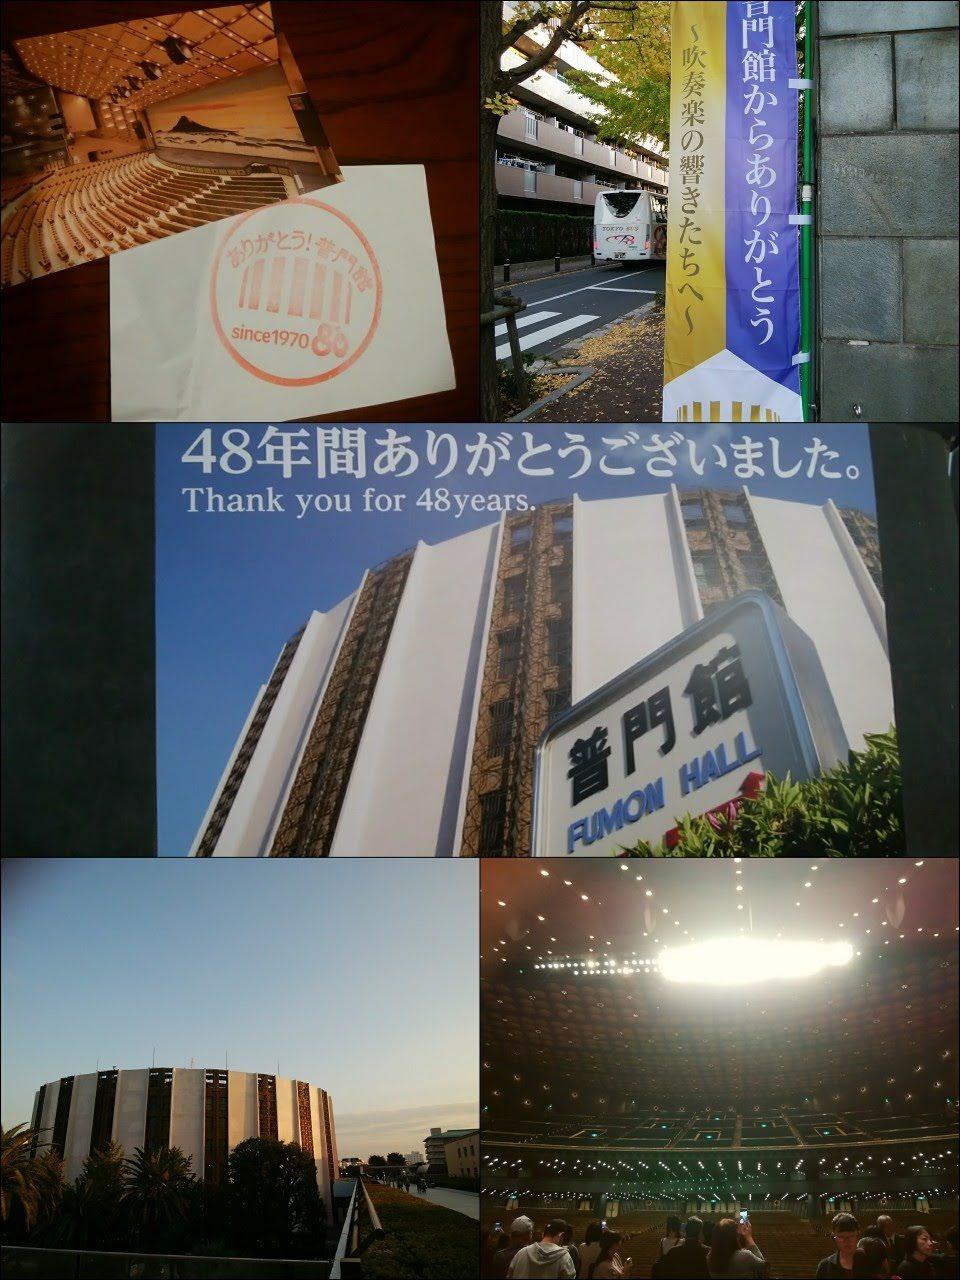 18-11-13-14-36-08-796_deco-960x1280.jpg